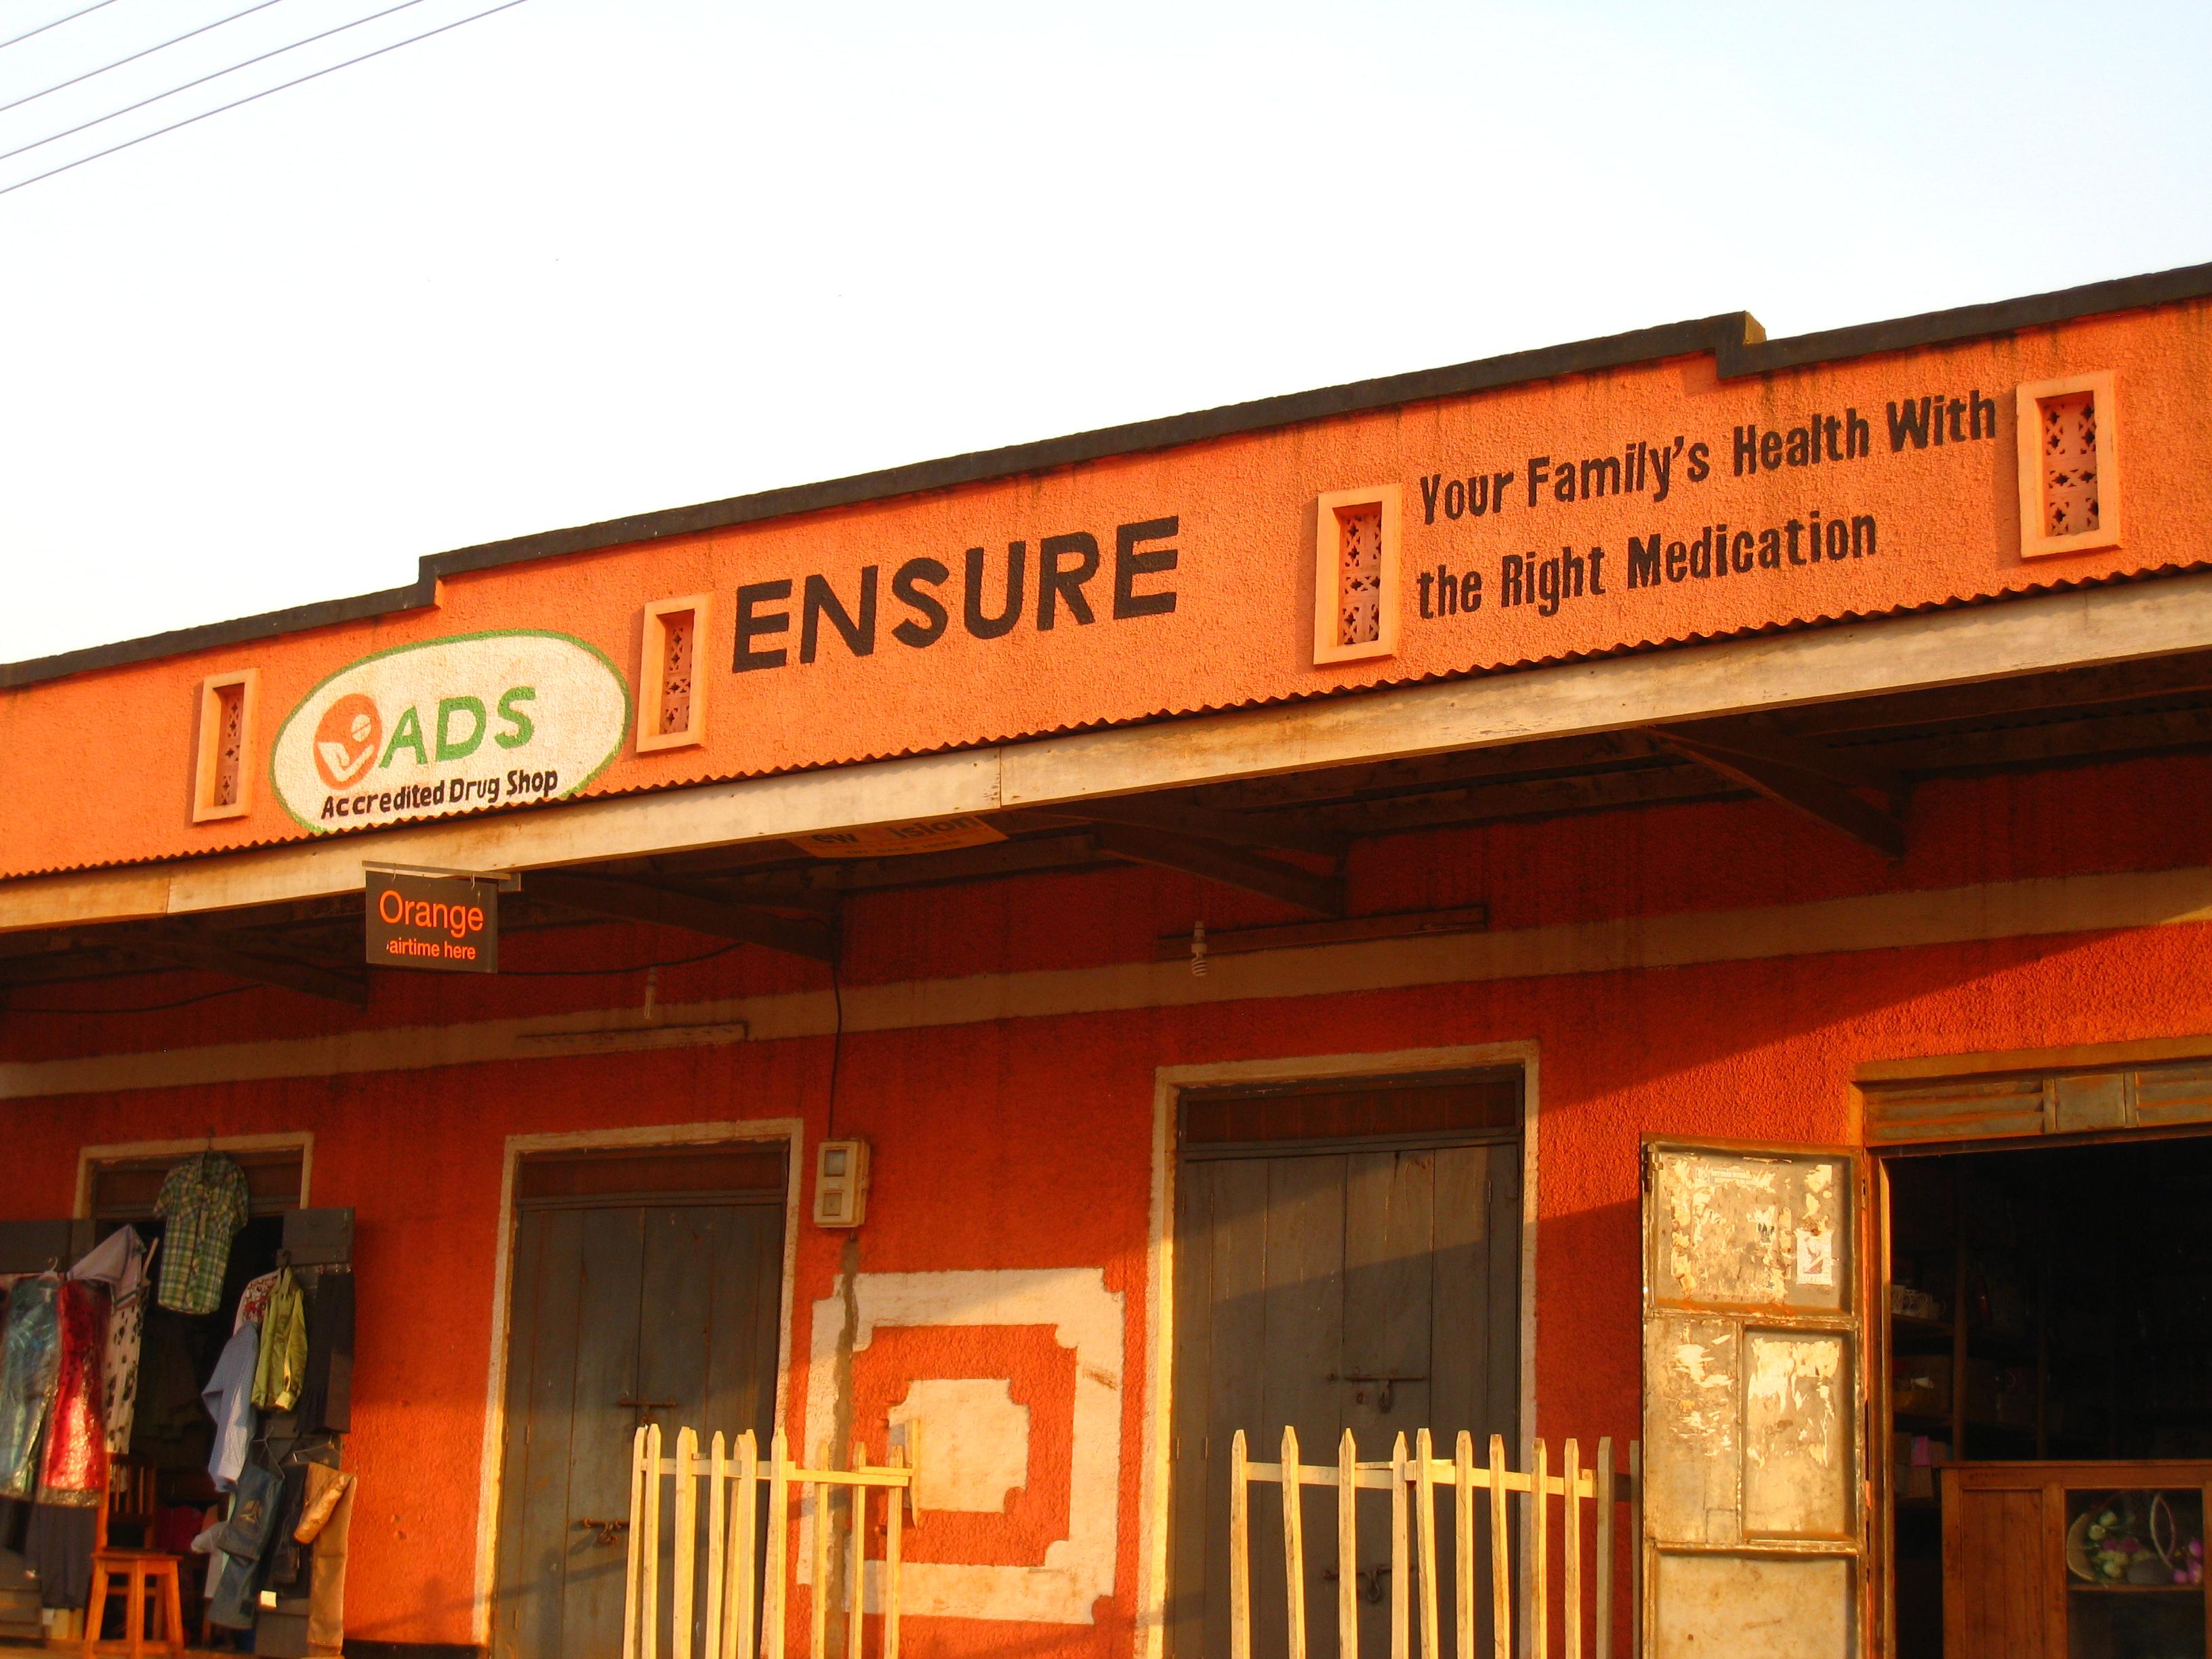 A franchised medicine shop